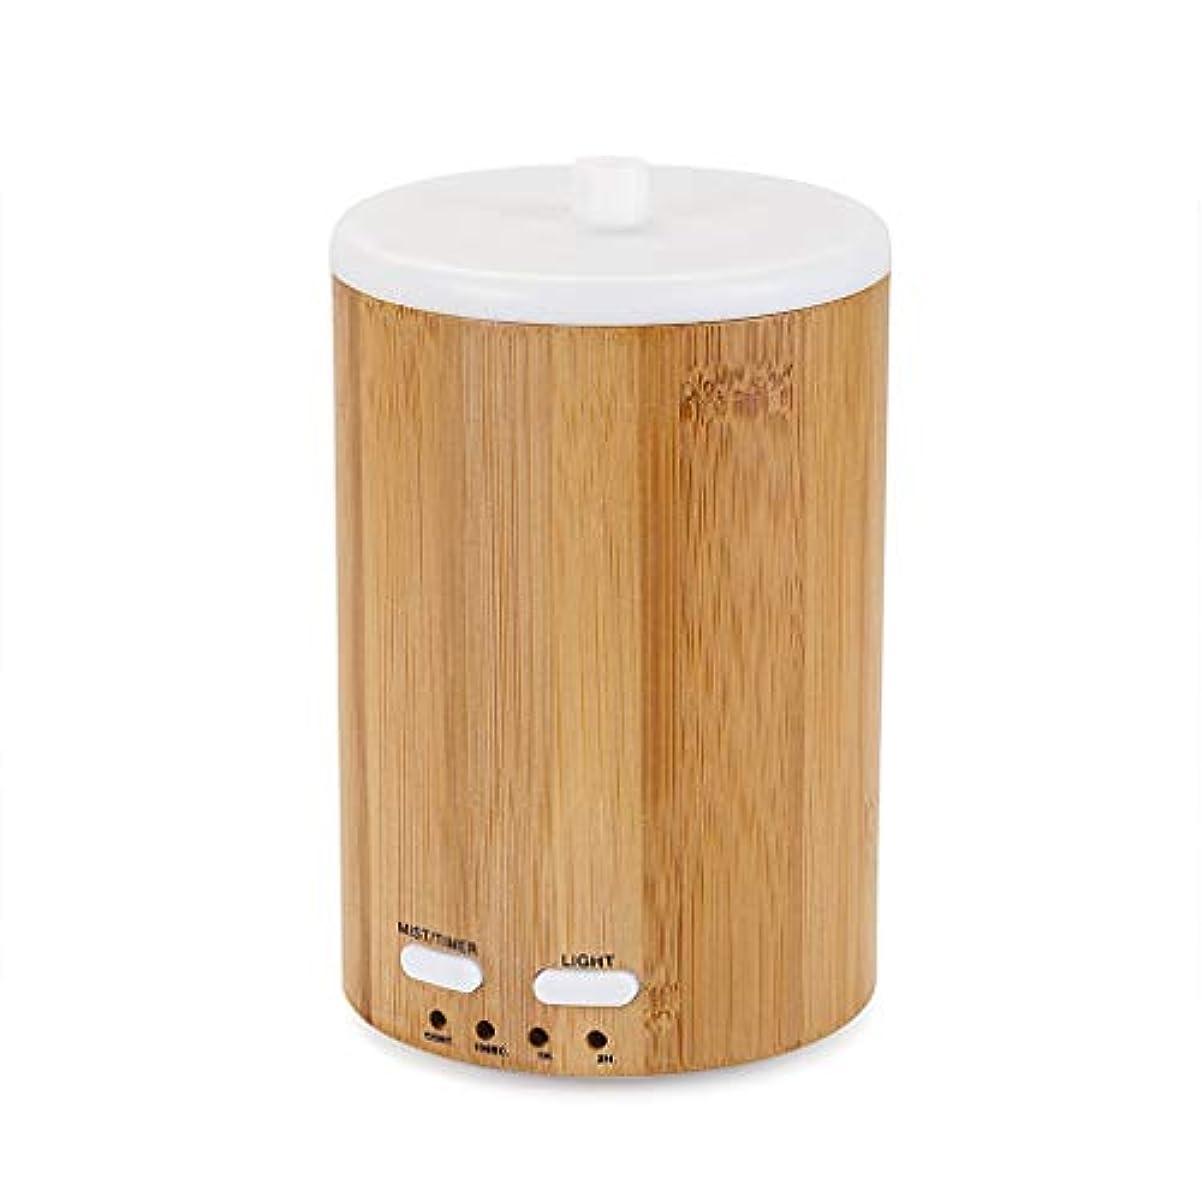 付添人甘美なプロトタイプアップグレードされたリアル竹ディフューザー超音波ディフューザークールミスト加湿器断続的な連続ミスト2作業モードウォーターレスオートオフ7色LEDライト (Color : Bamboo)